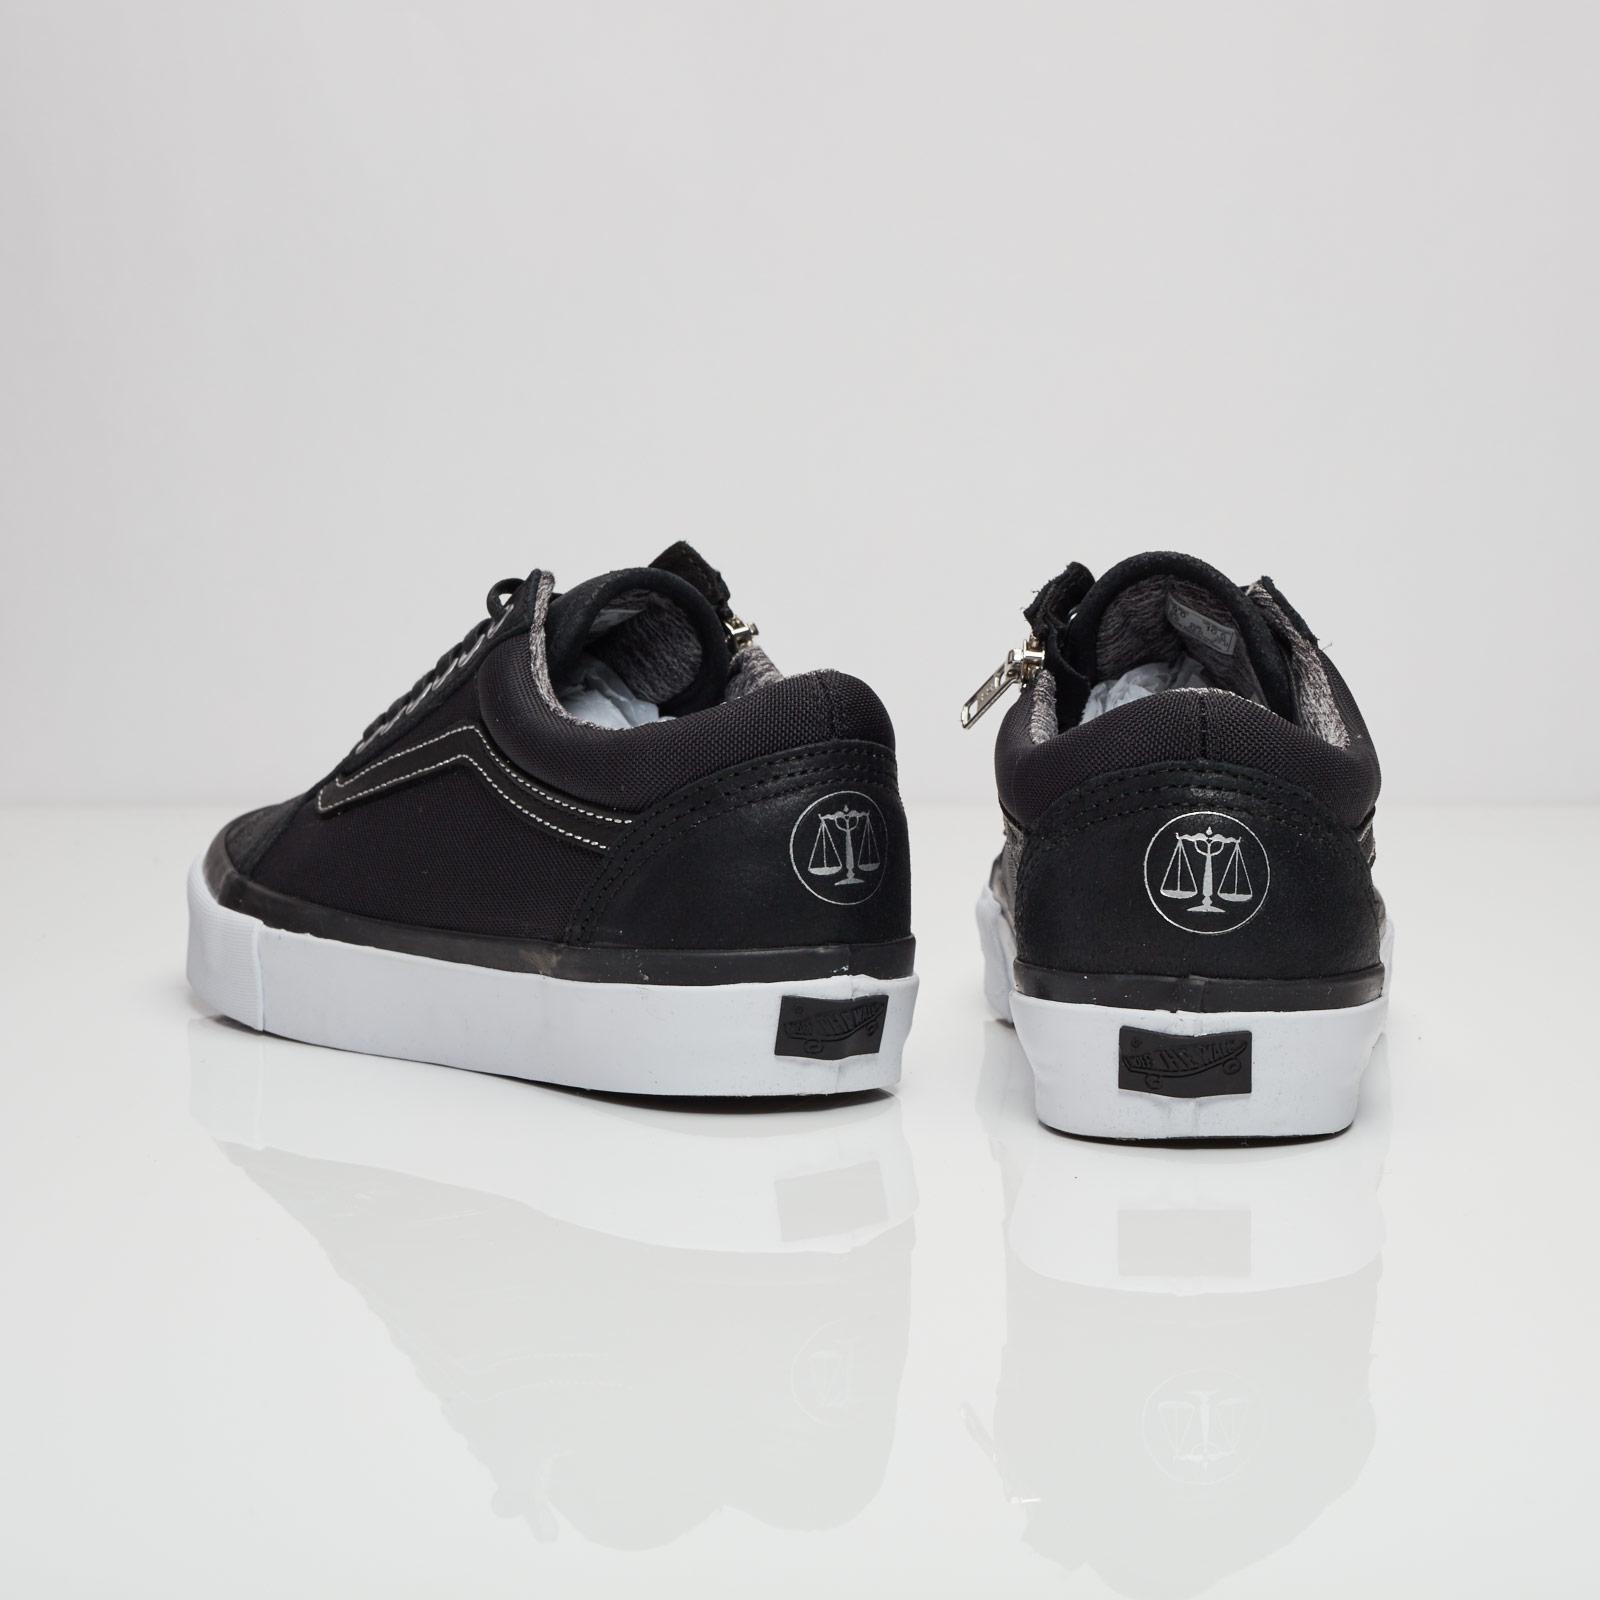 dbd5010586b743 Vans Old Skool Zip LX (Highs   Lows) - V0yr5jij - Sneakersnstuff ...